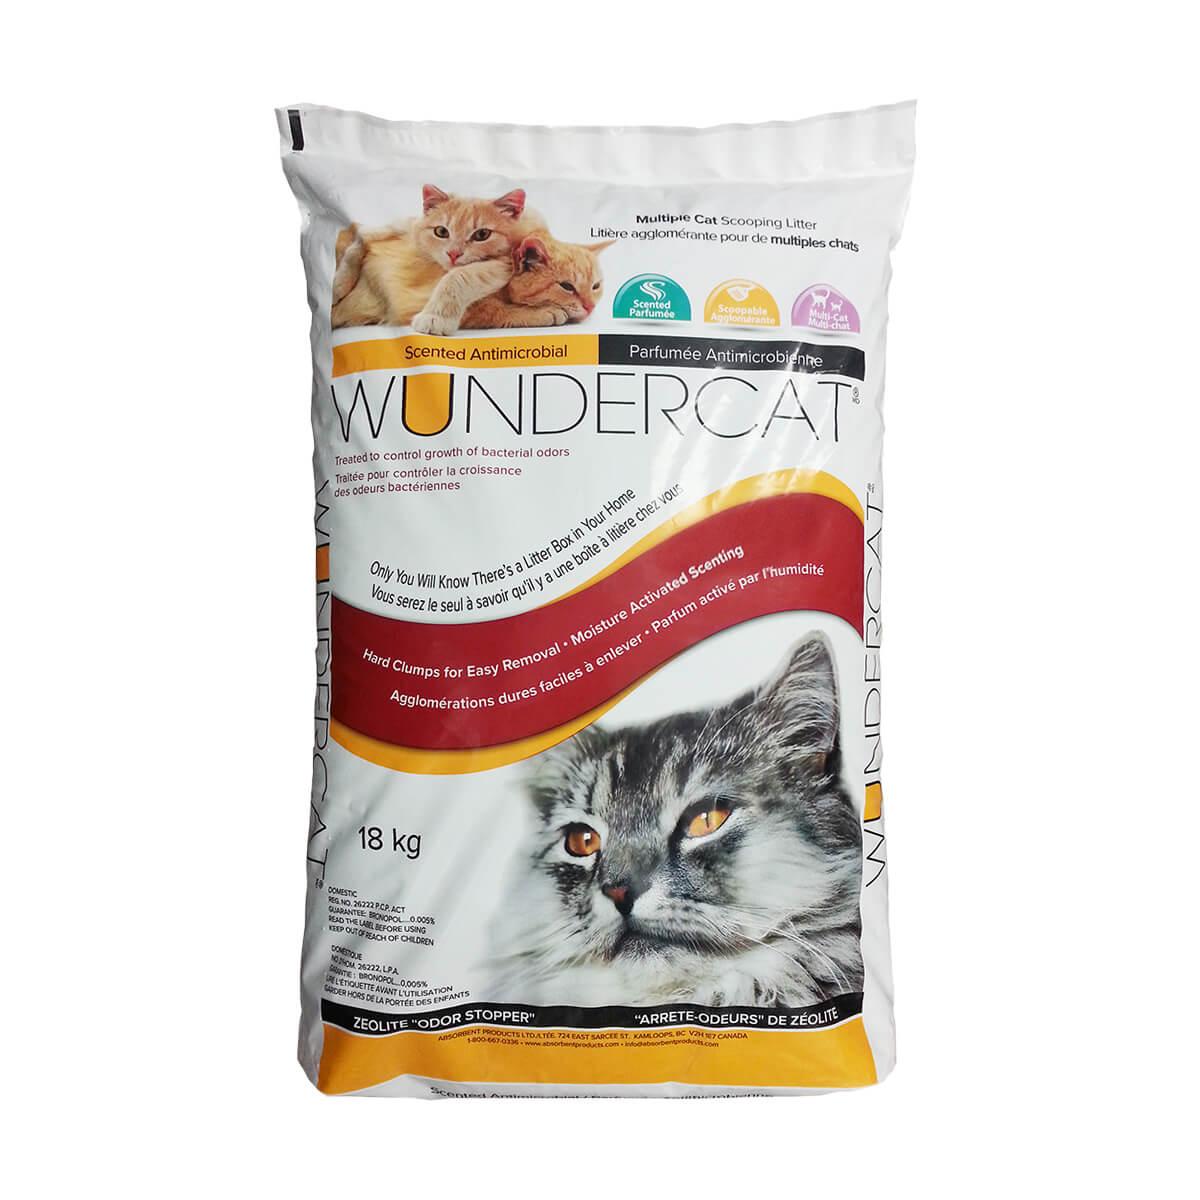 18 kg Wundercat Cat Litter